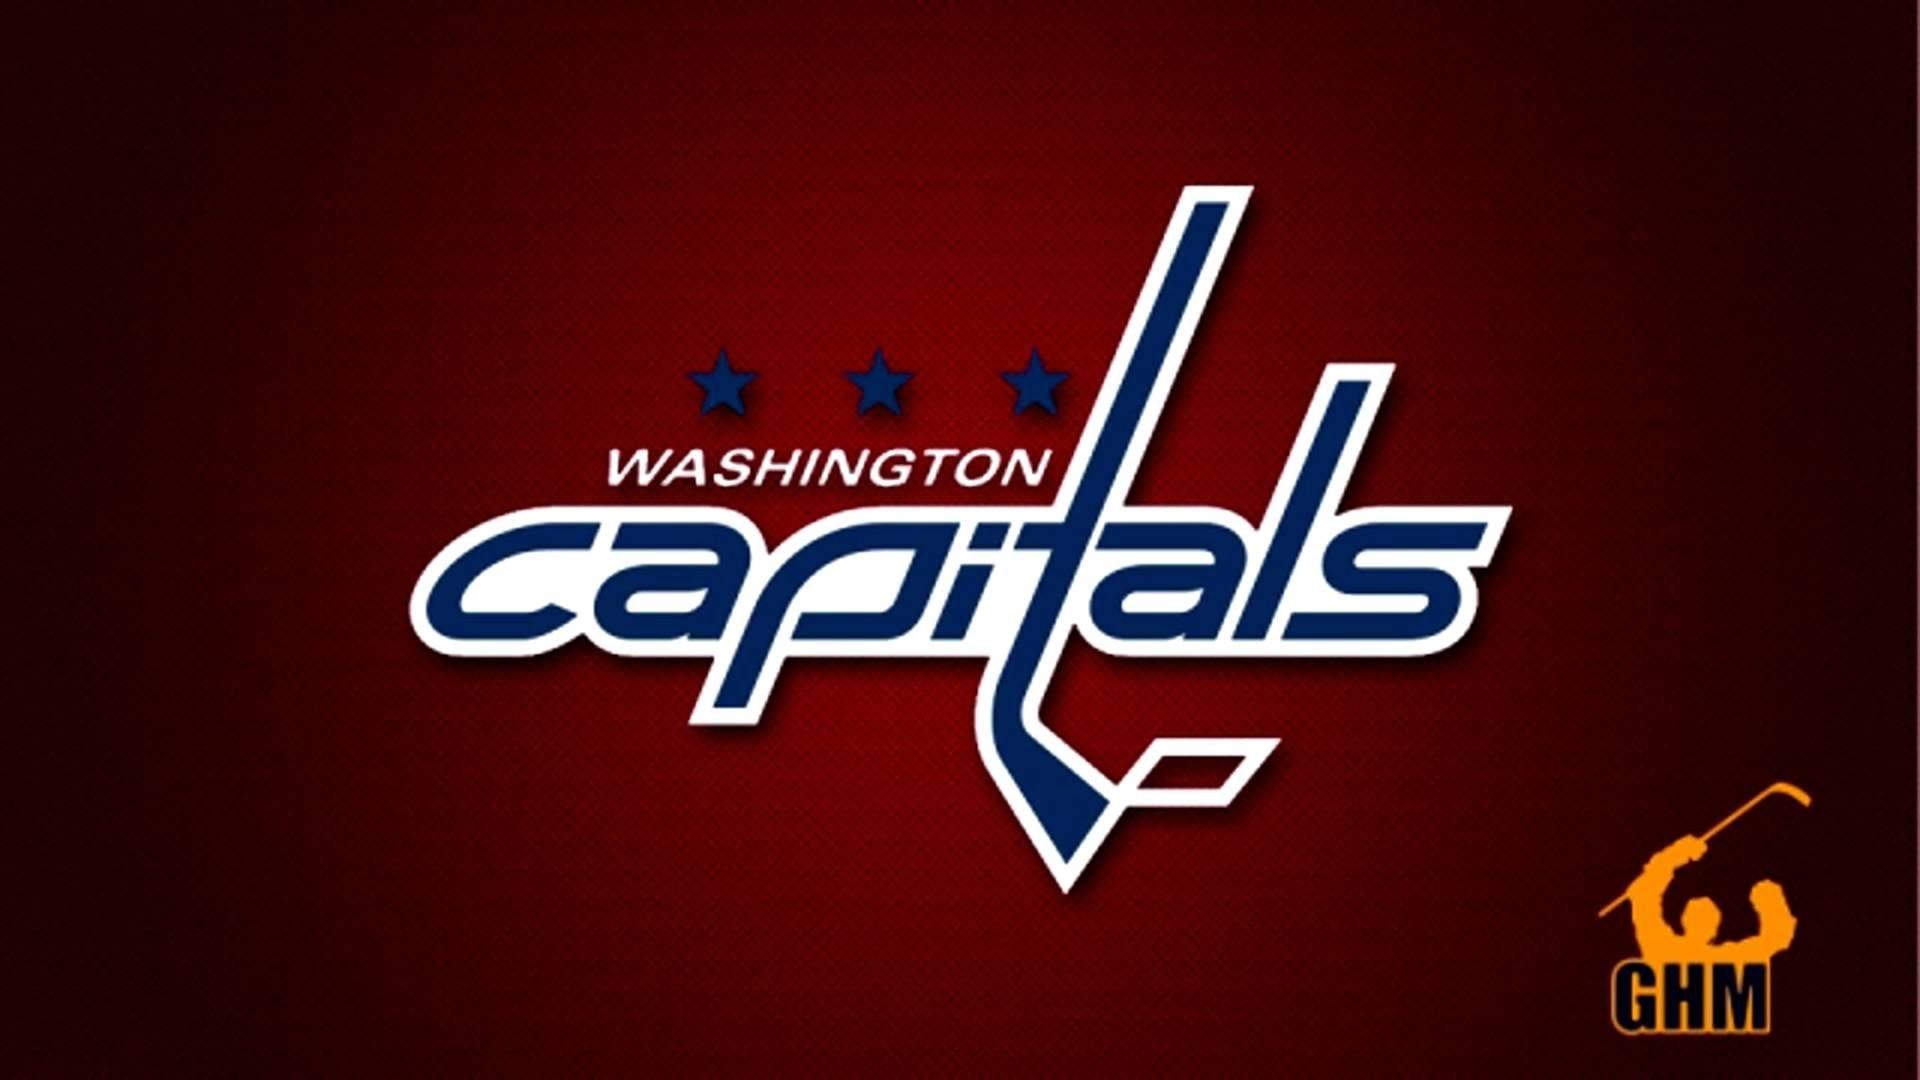 Washington Capitals Wallpaper